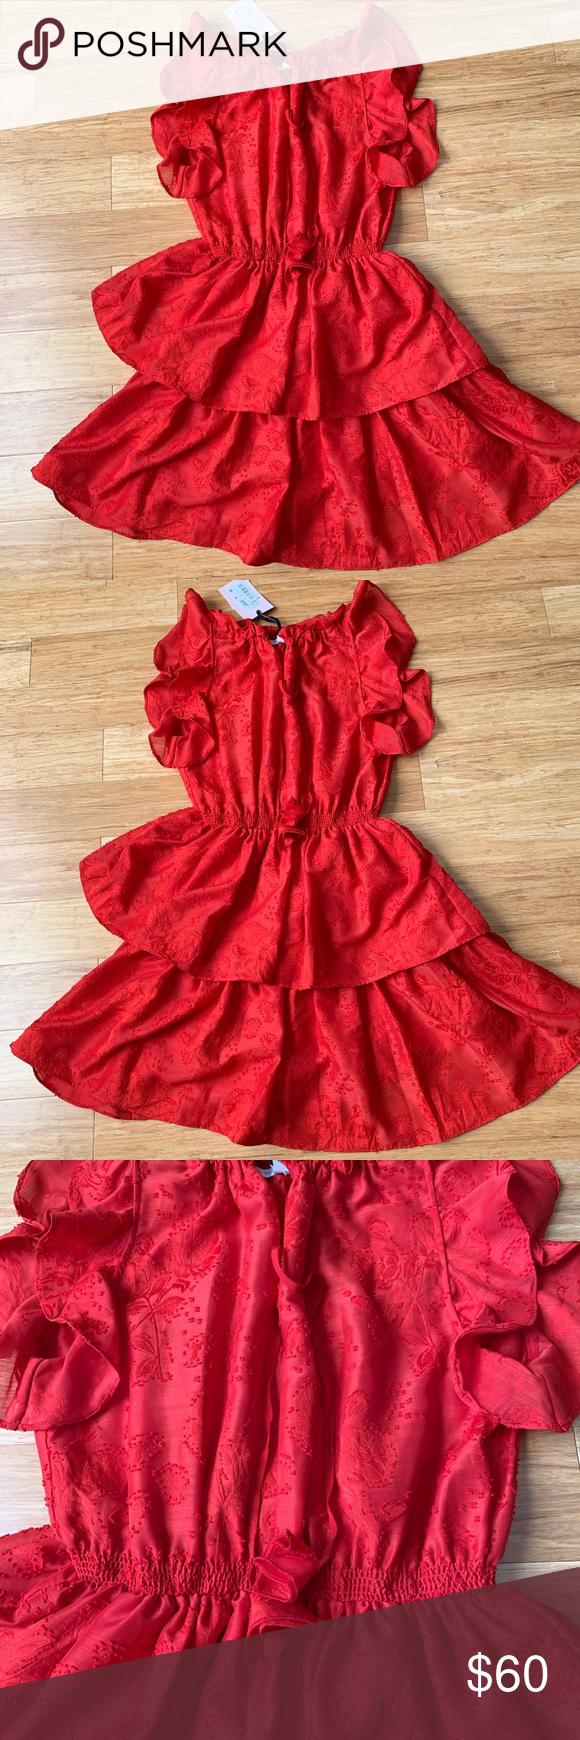 Chelsea Violet Summer Dress Clothes Design Dresses Fashion [ 1740 x 580 Pixel ]